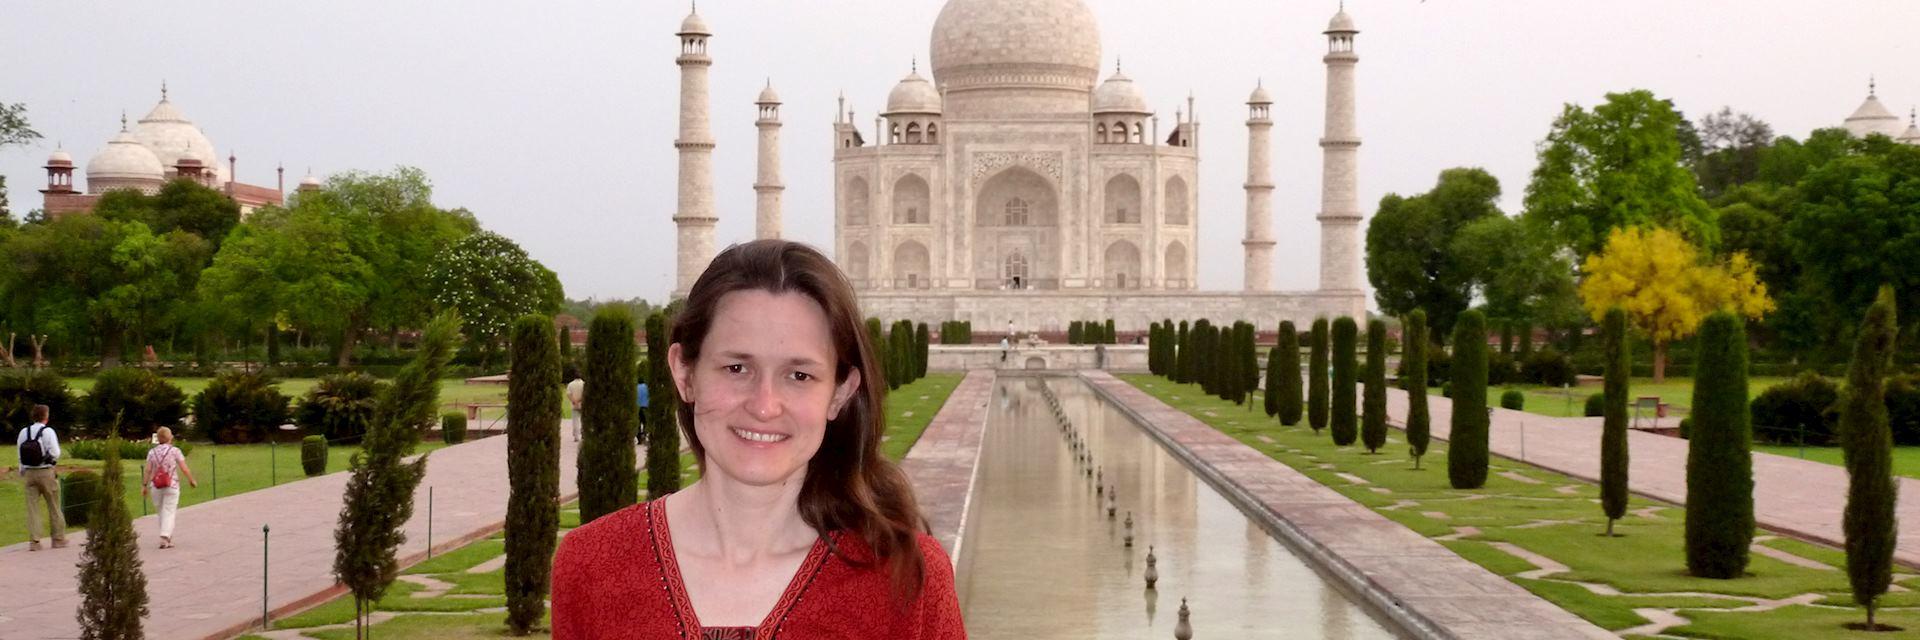 Alison at the Taj Mahal